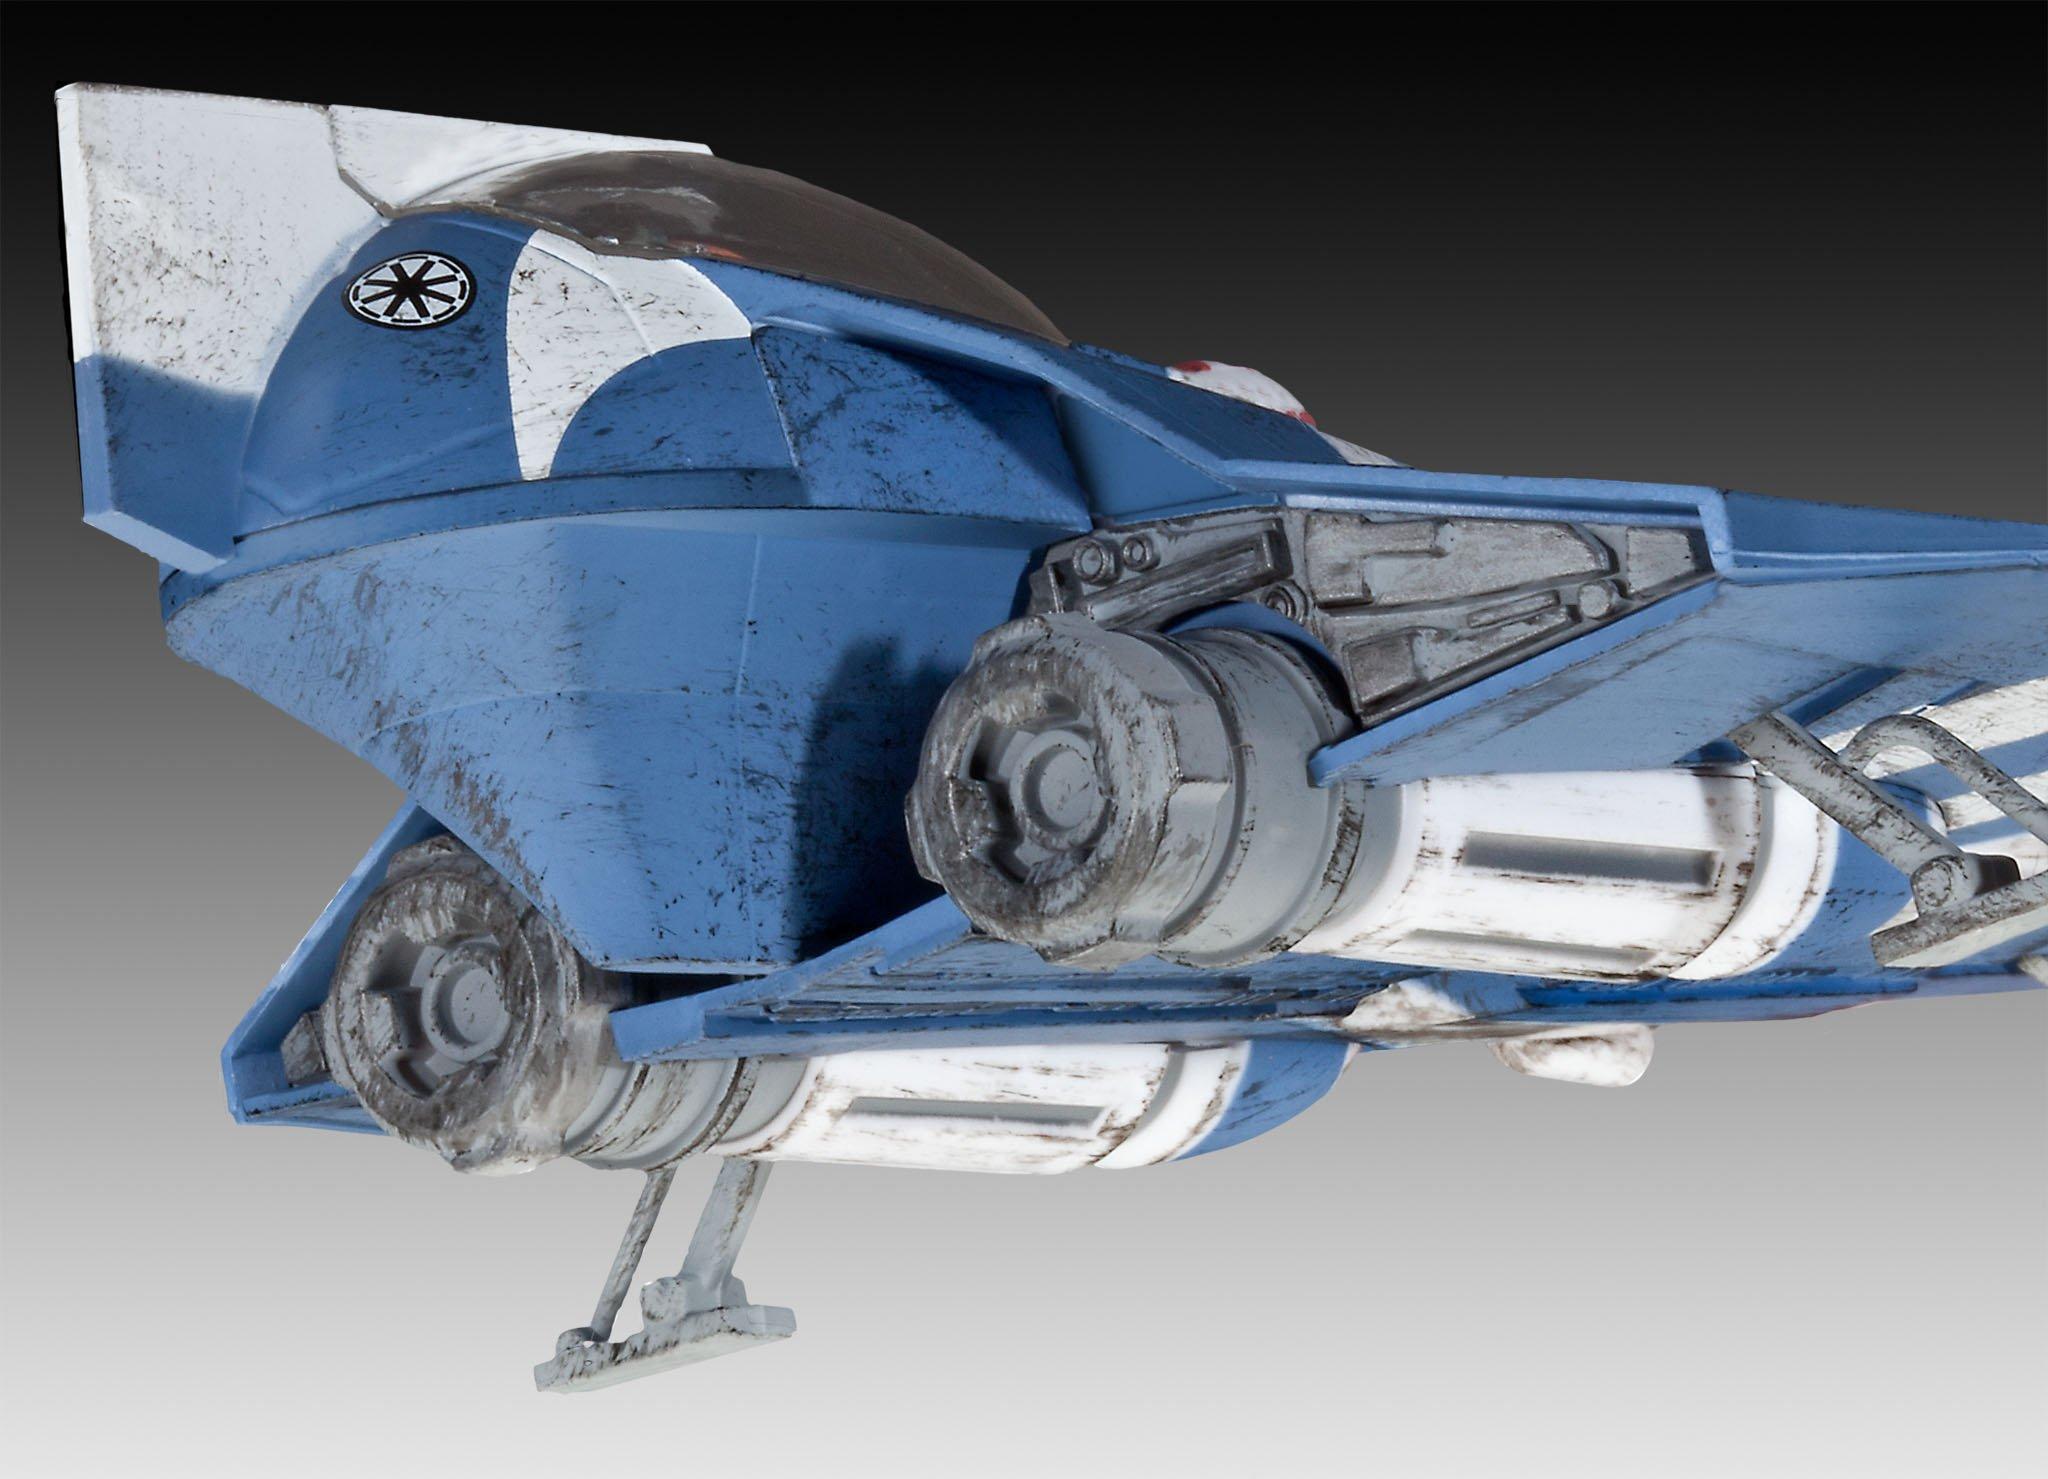 Star Wars Plo Koon's Jedi Starfighter Easykit